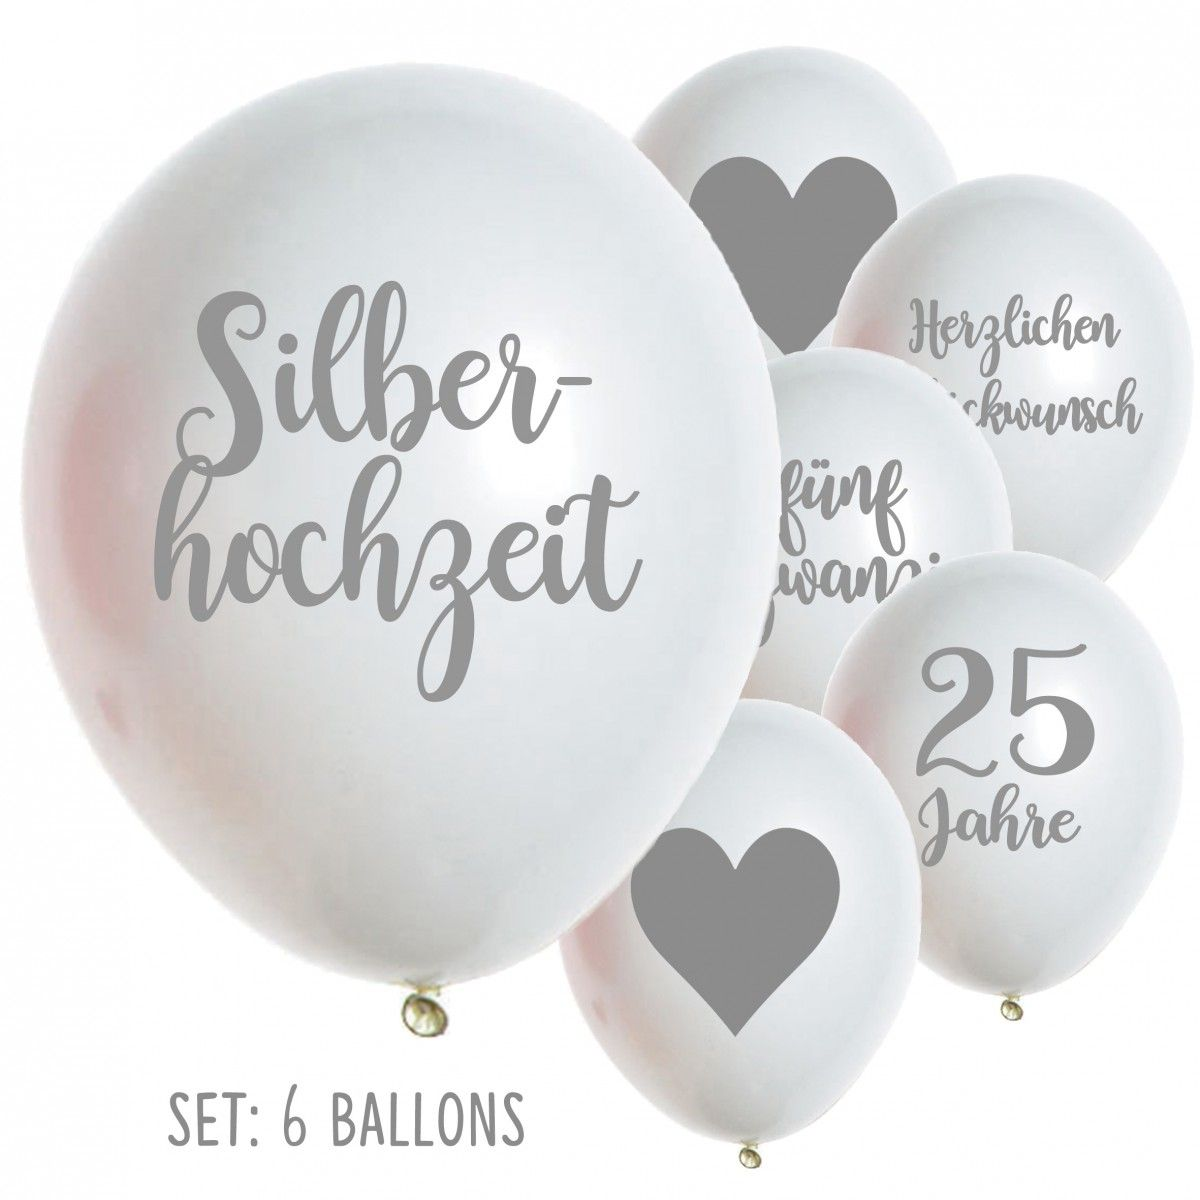 Silberhochzeit Ballons Luftballons 25 Jahre Hochzeit Jubilaum Ballon